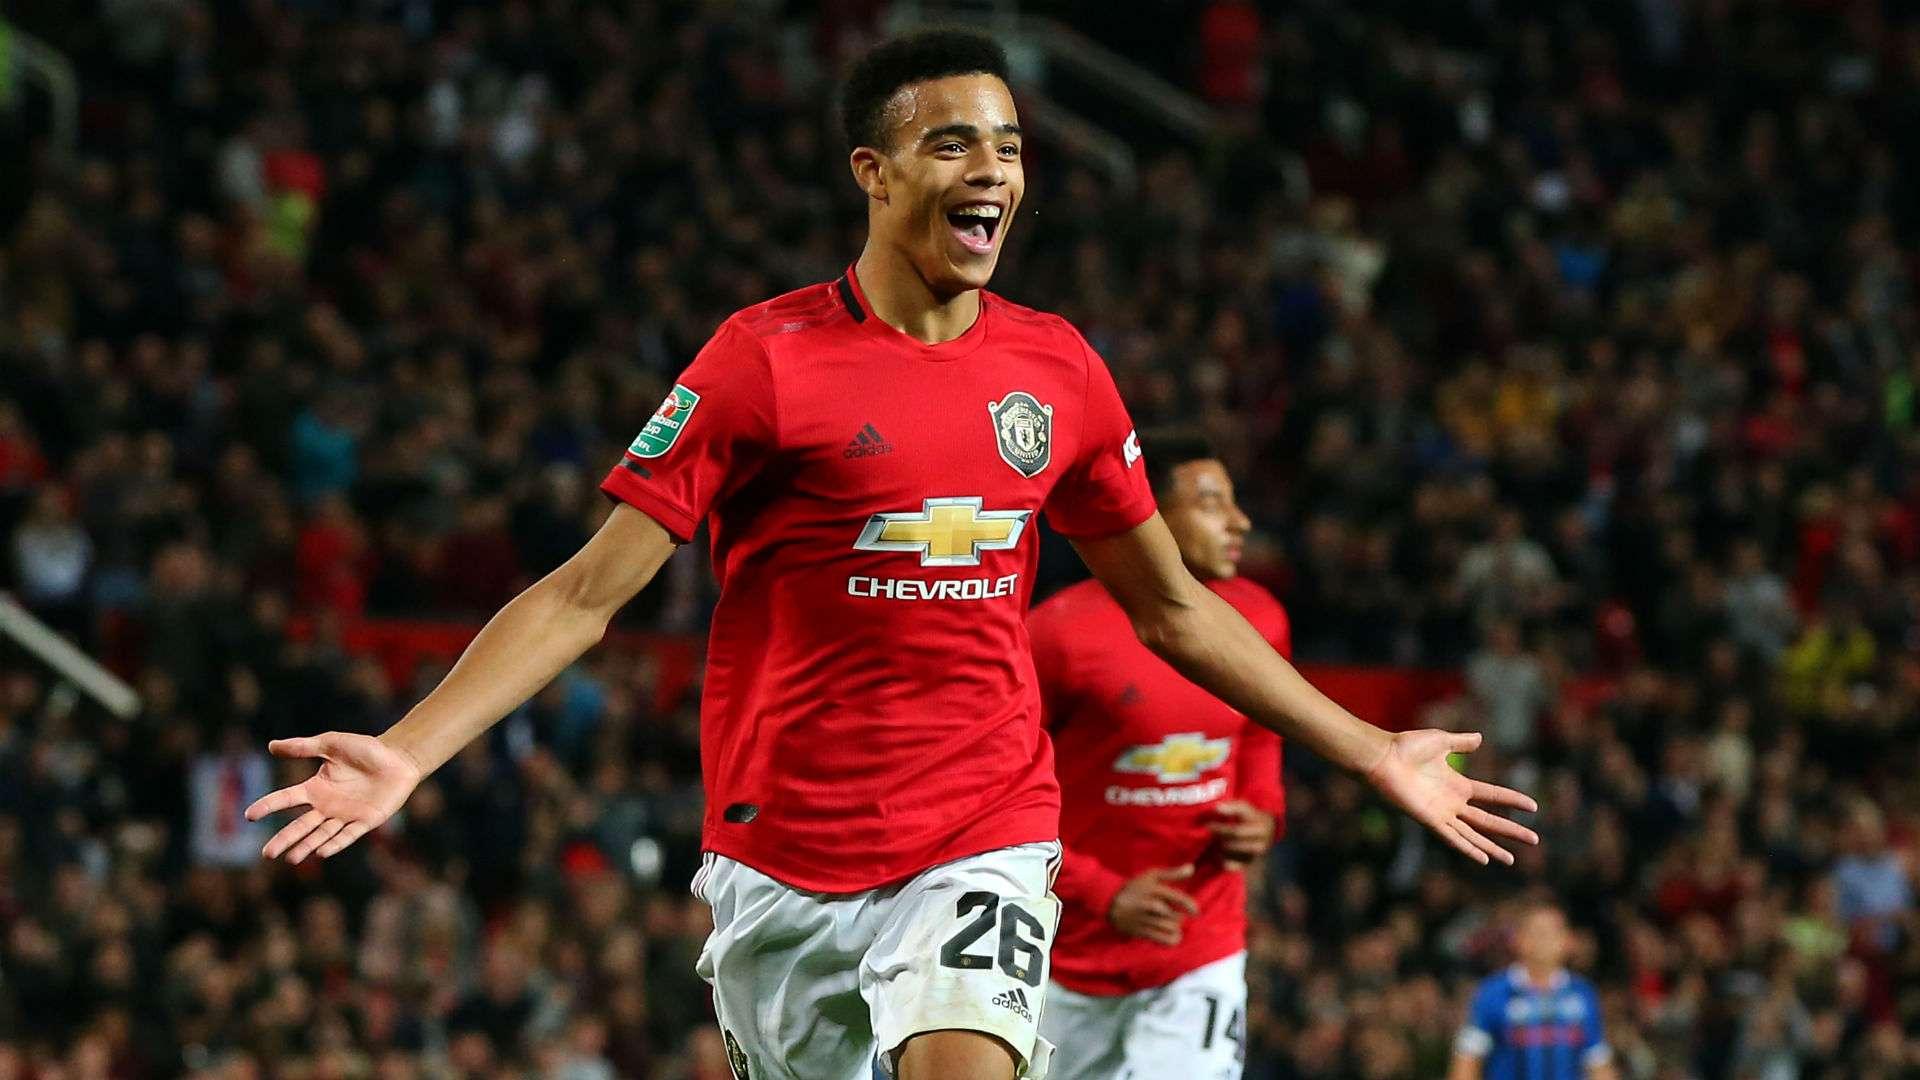 Solskjaer Likens Greenwood To Man Utd Legend Ronaldo After